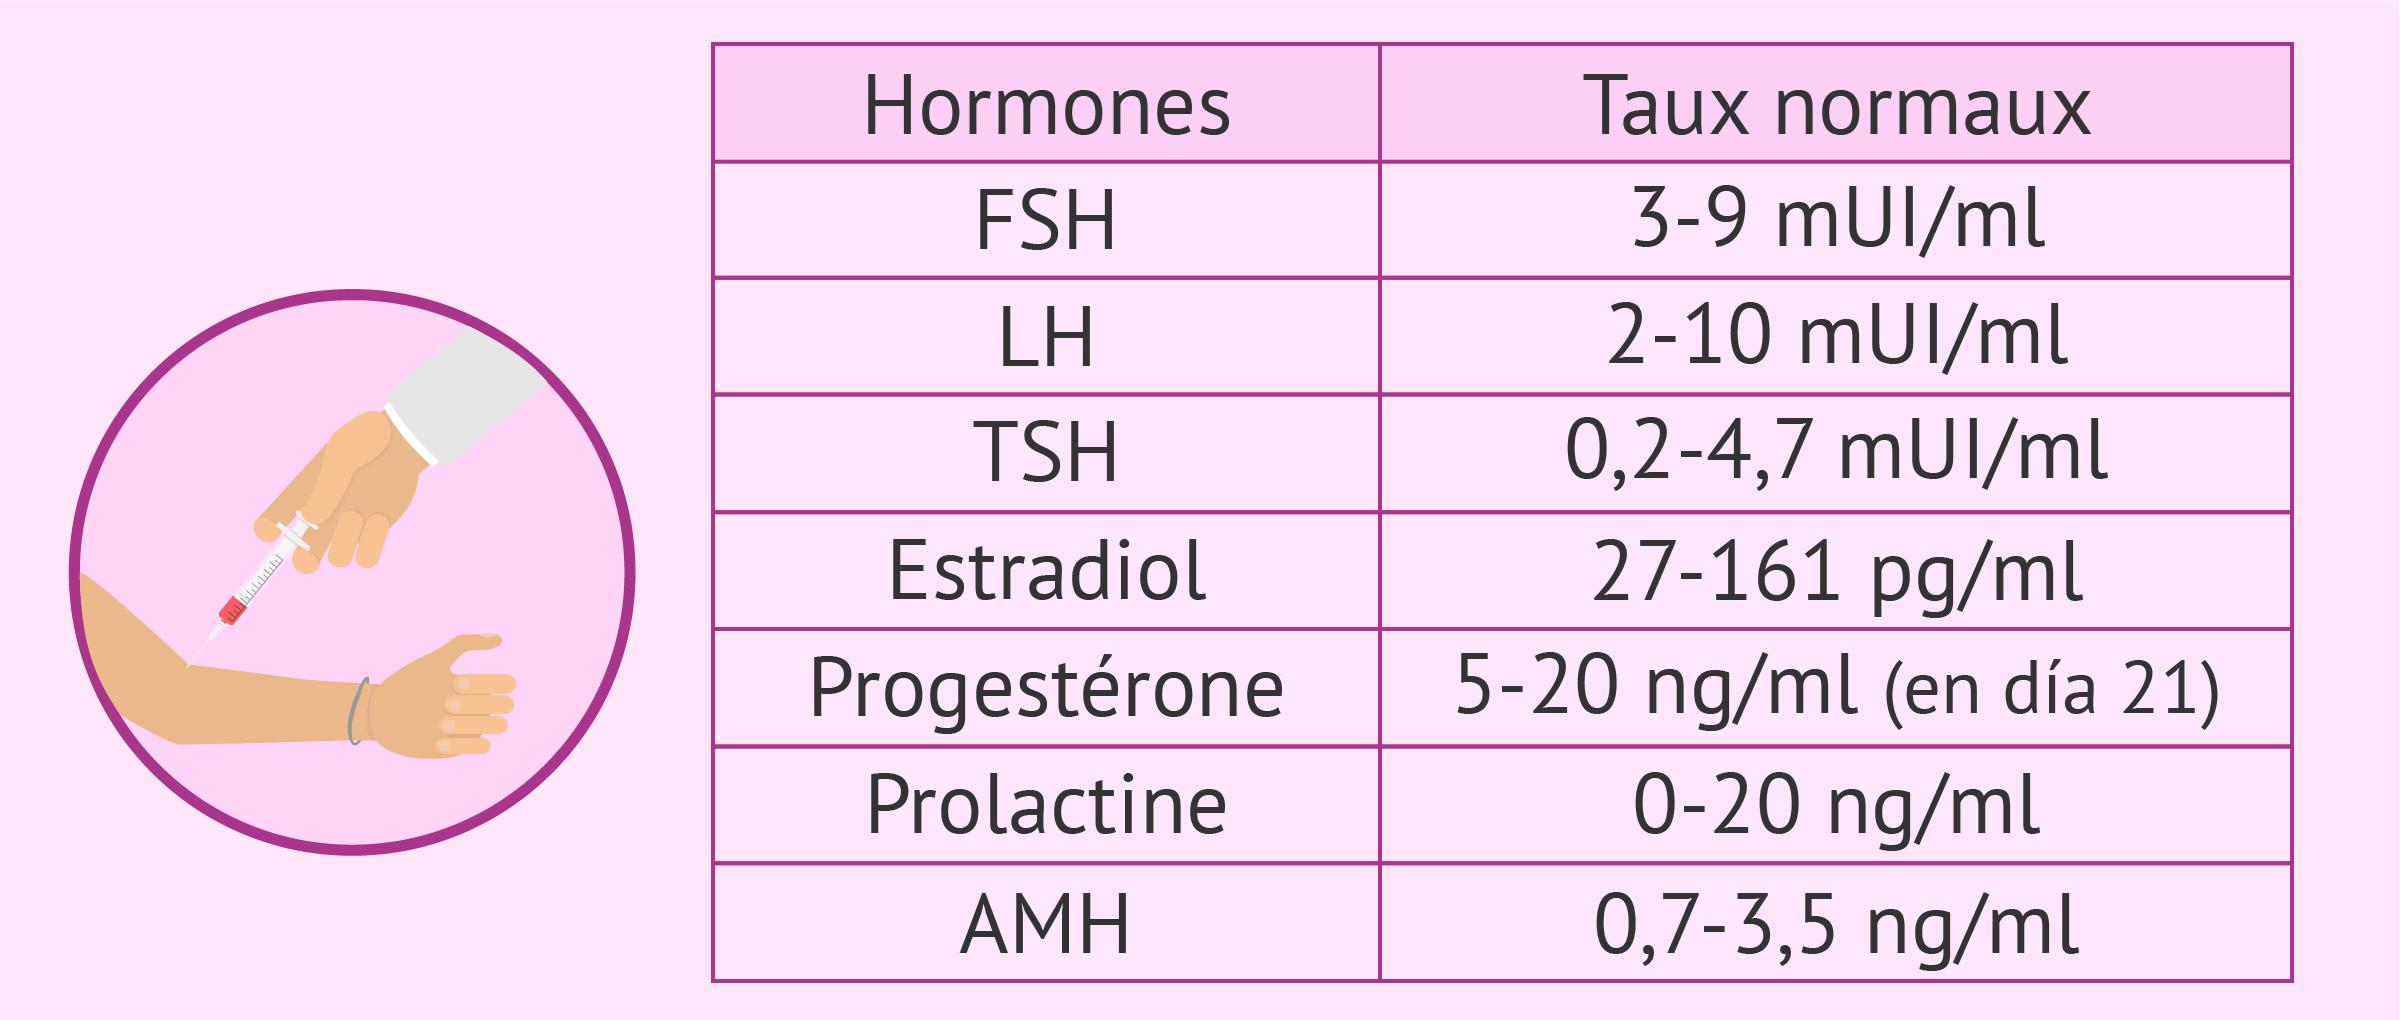 Taux hormonaux chez la femme